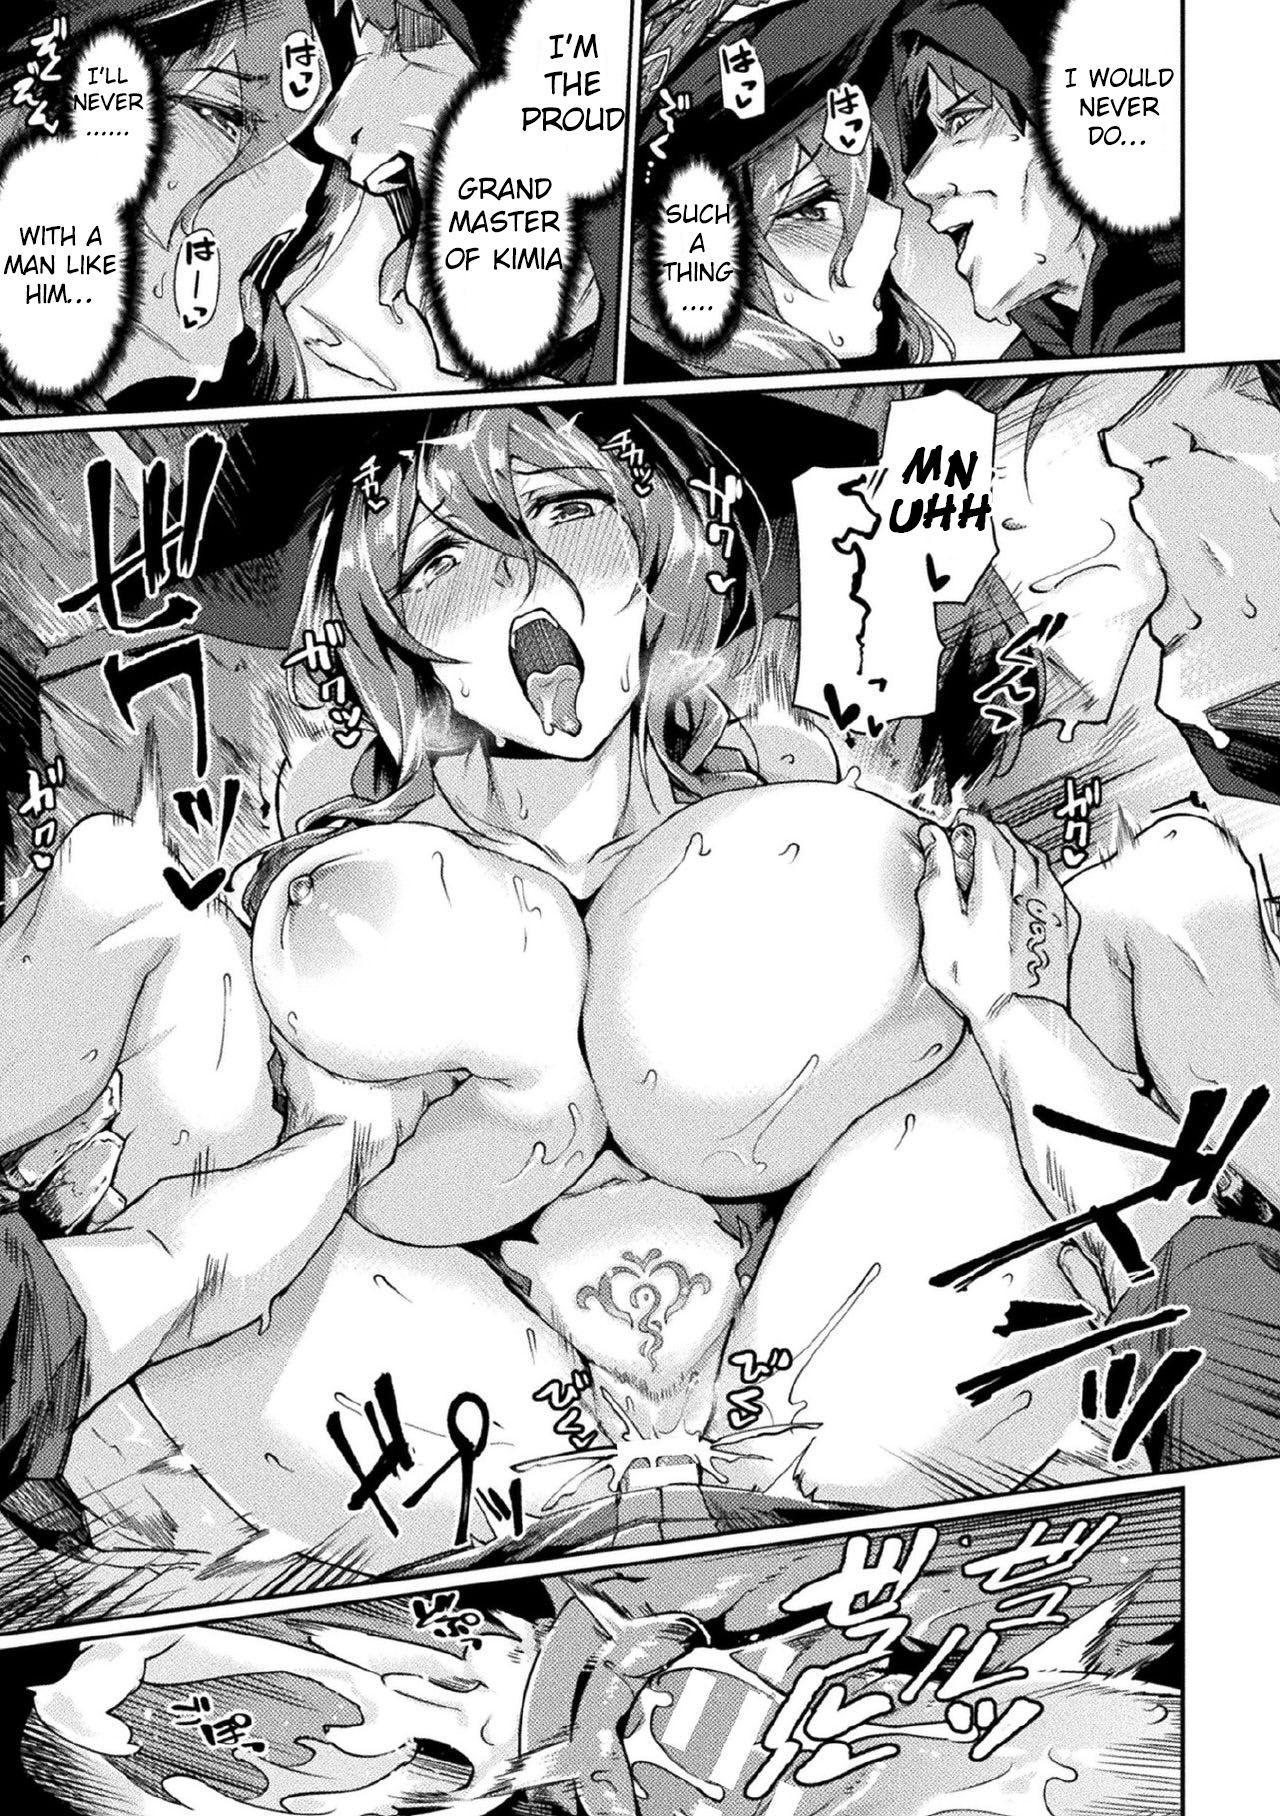 [Tsukitokage] Kuroinu II ~Inyoku ni Somaru Haitoku no Miyako, Futatabi~ THE COMIC Ch. 3 (Kukkoro Heroines Vol. 1) [English] [Raknnkarscans] [Digital] 18